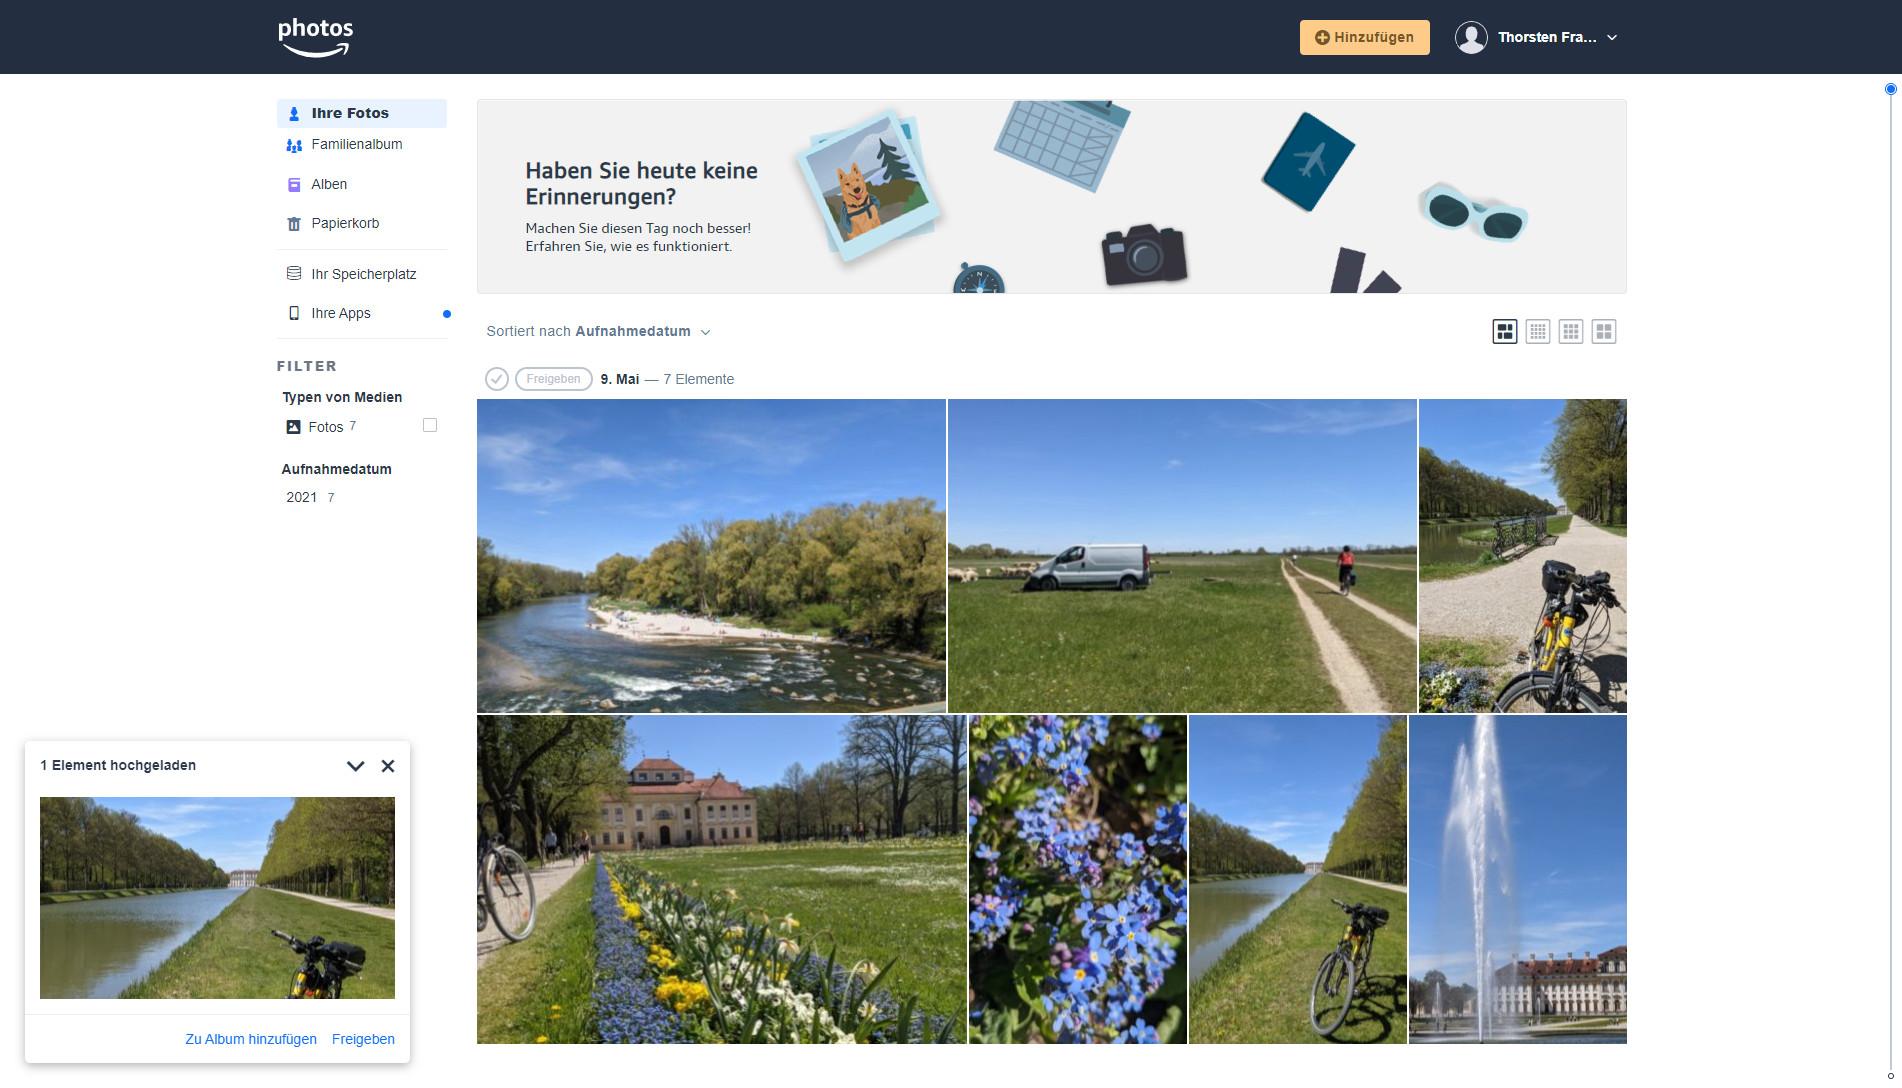 Screenshot 1 - Amazon Photos